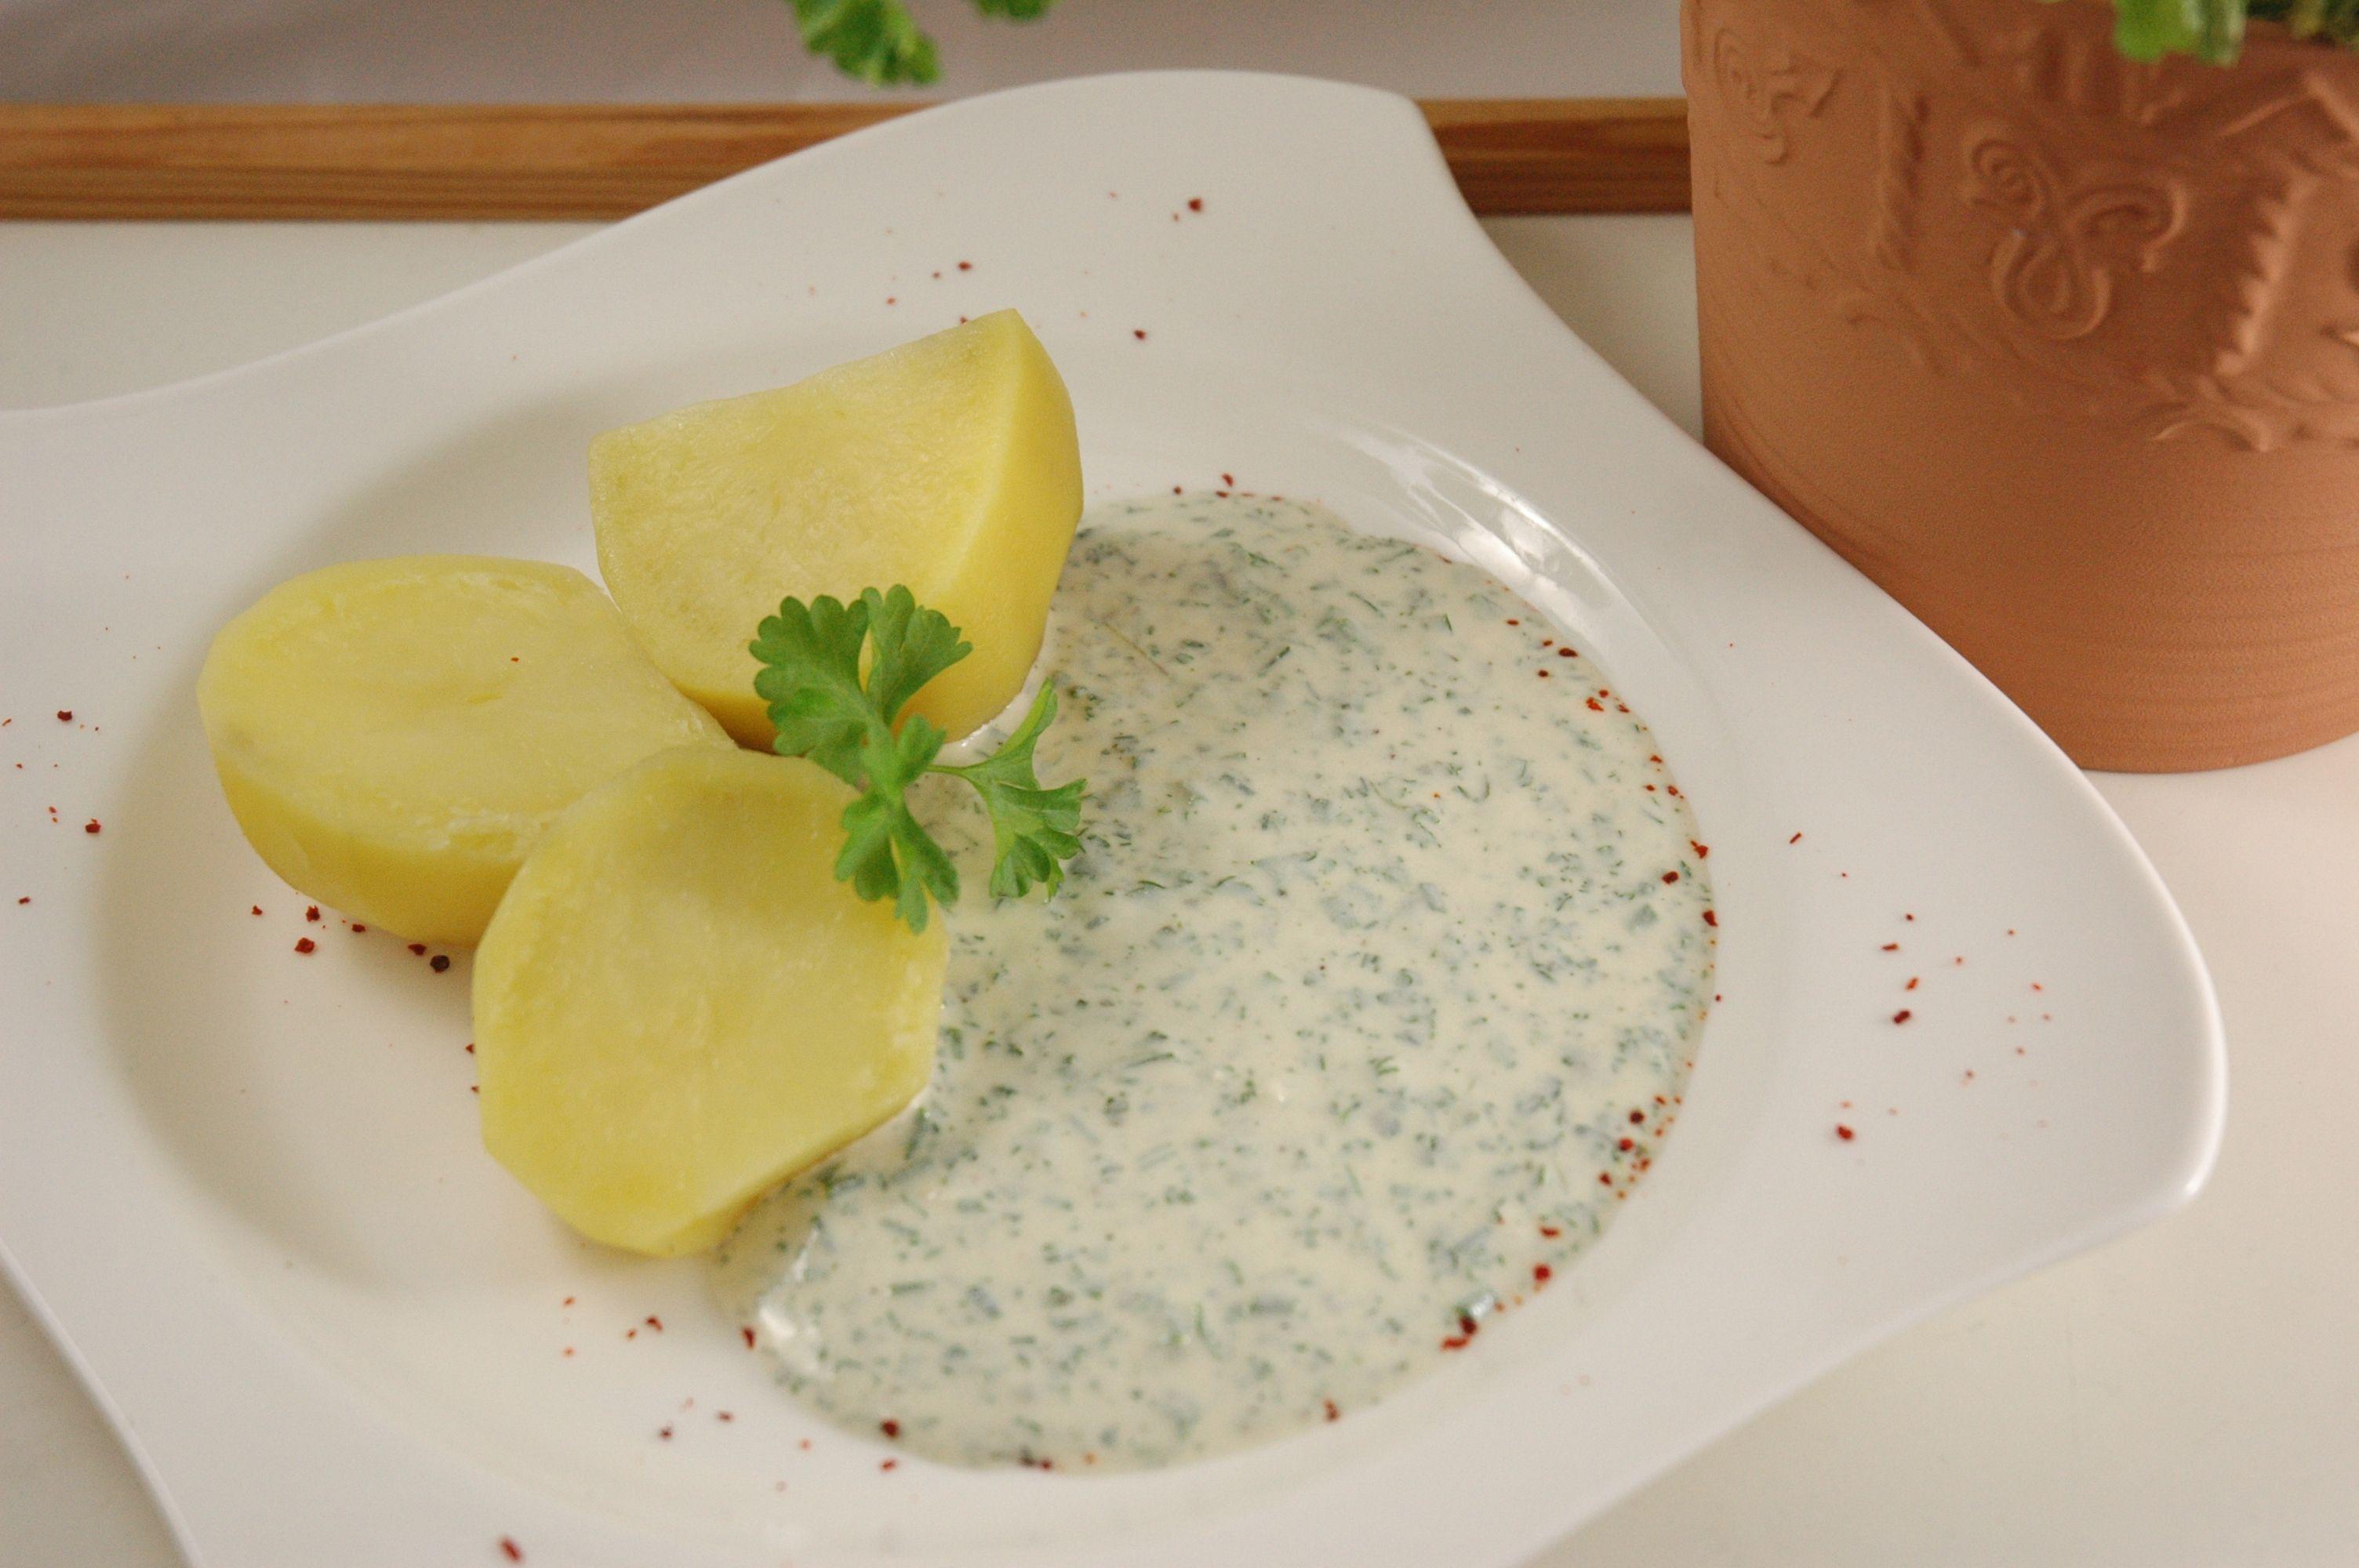 Hessische 7 Kräuterkur...schnell, gesund, vegan, frisch... http://www.umgekocht.de/2015/05/vegane-gruene-sauce-hessisches-leibgericht/